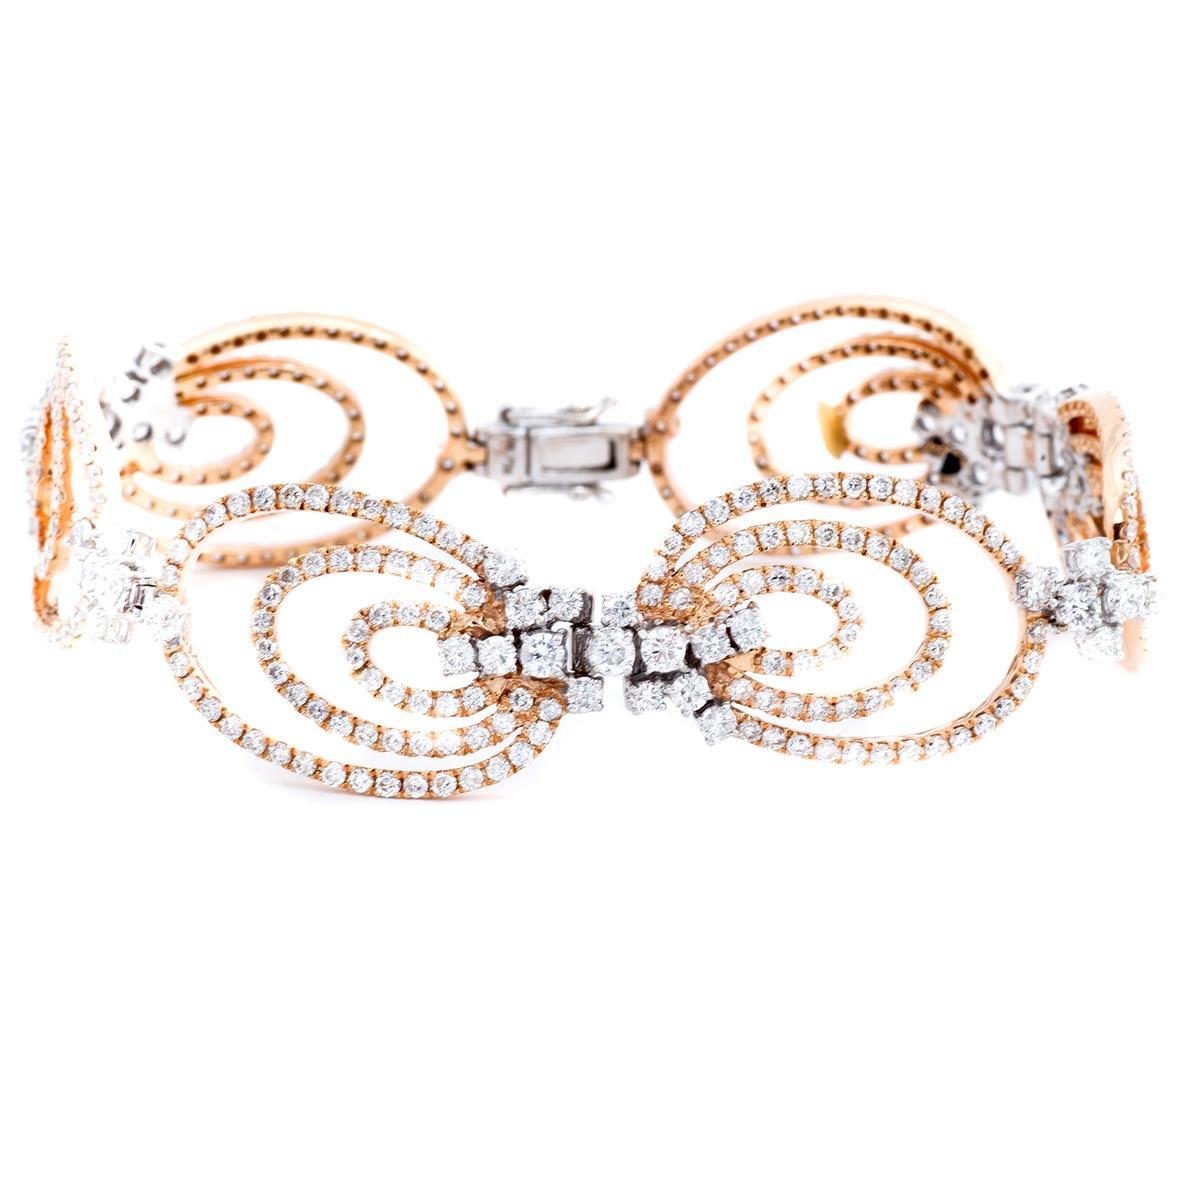 18K White & Rose Gold 7.56 CTW Diamond Bracelet